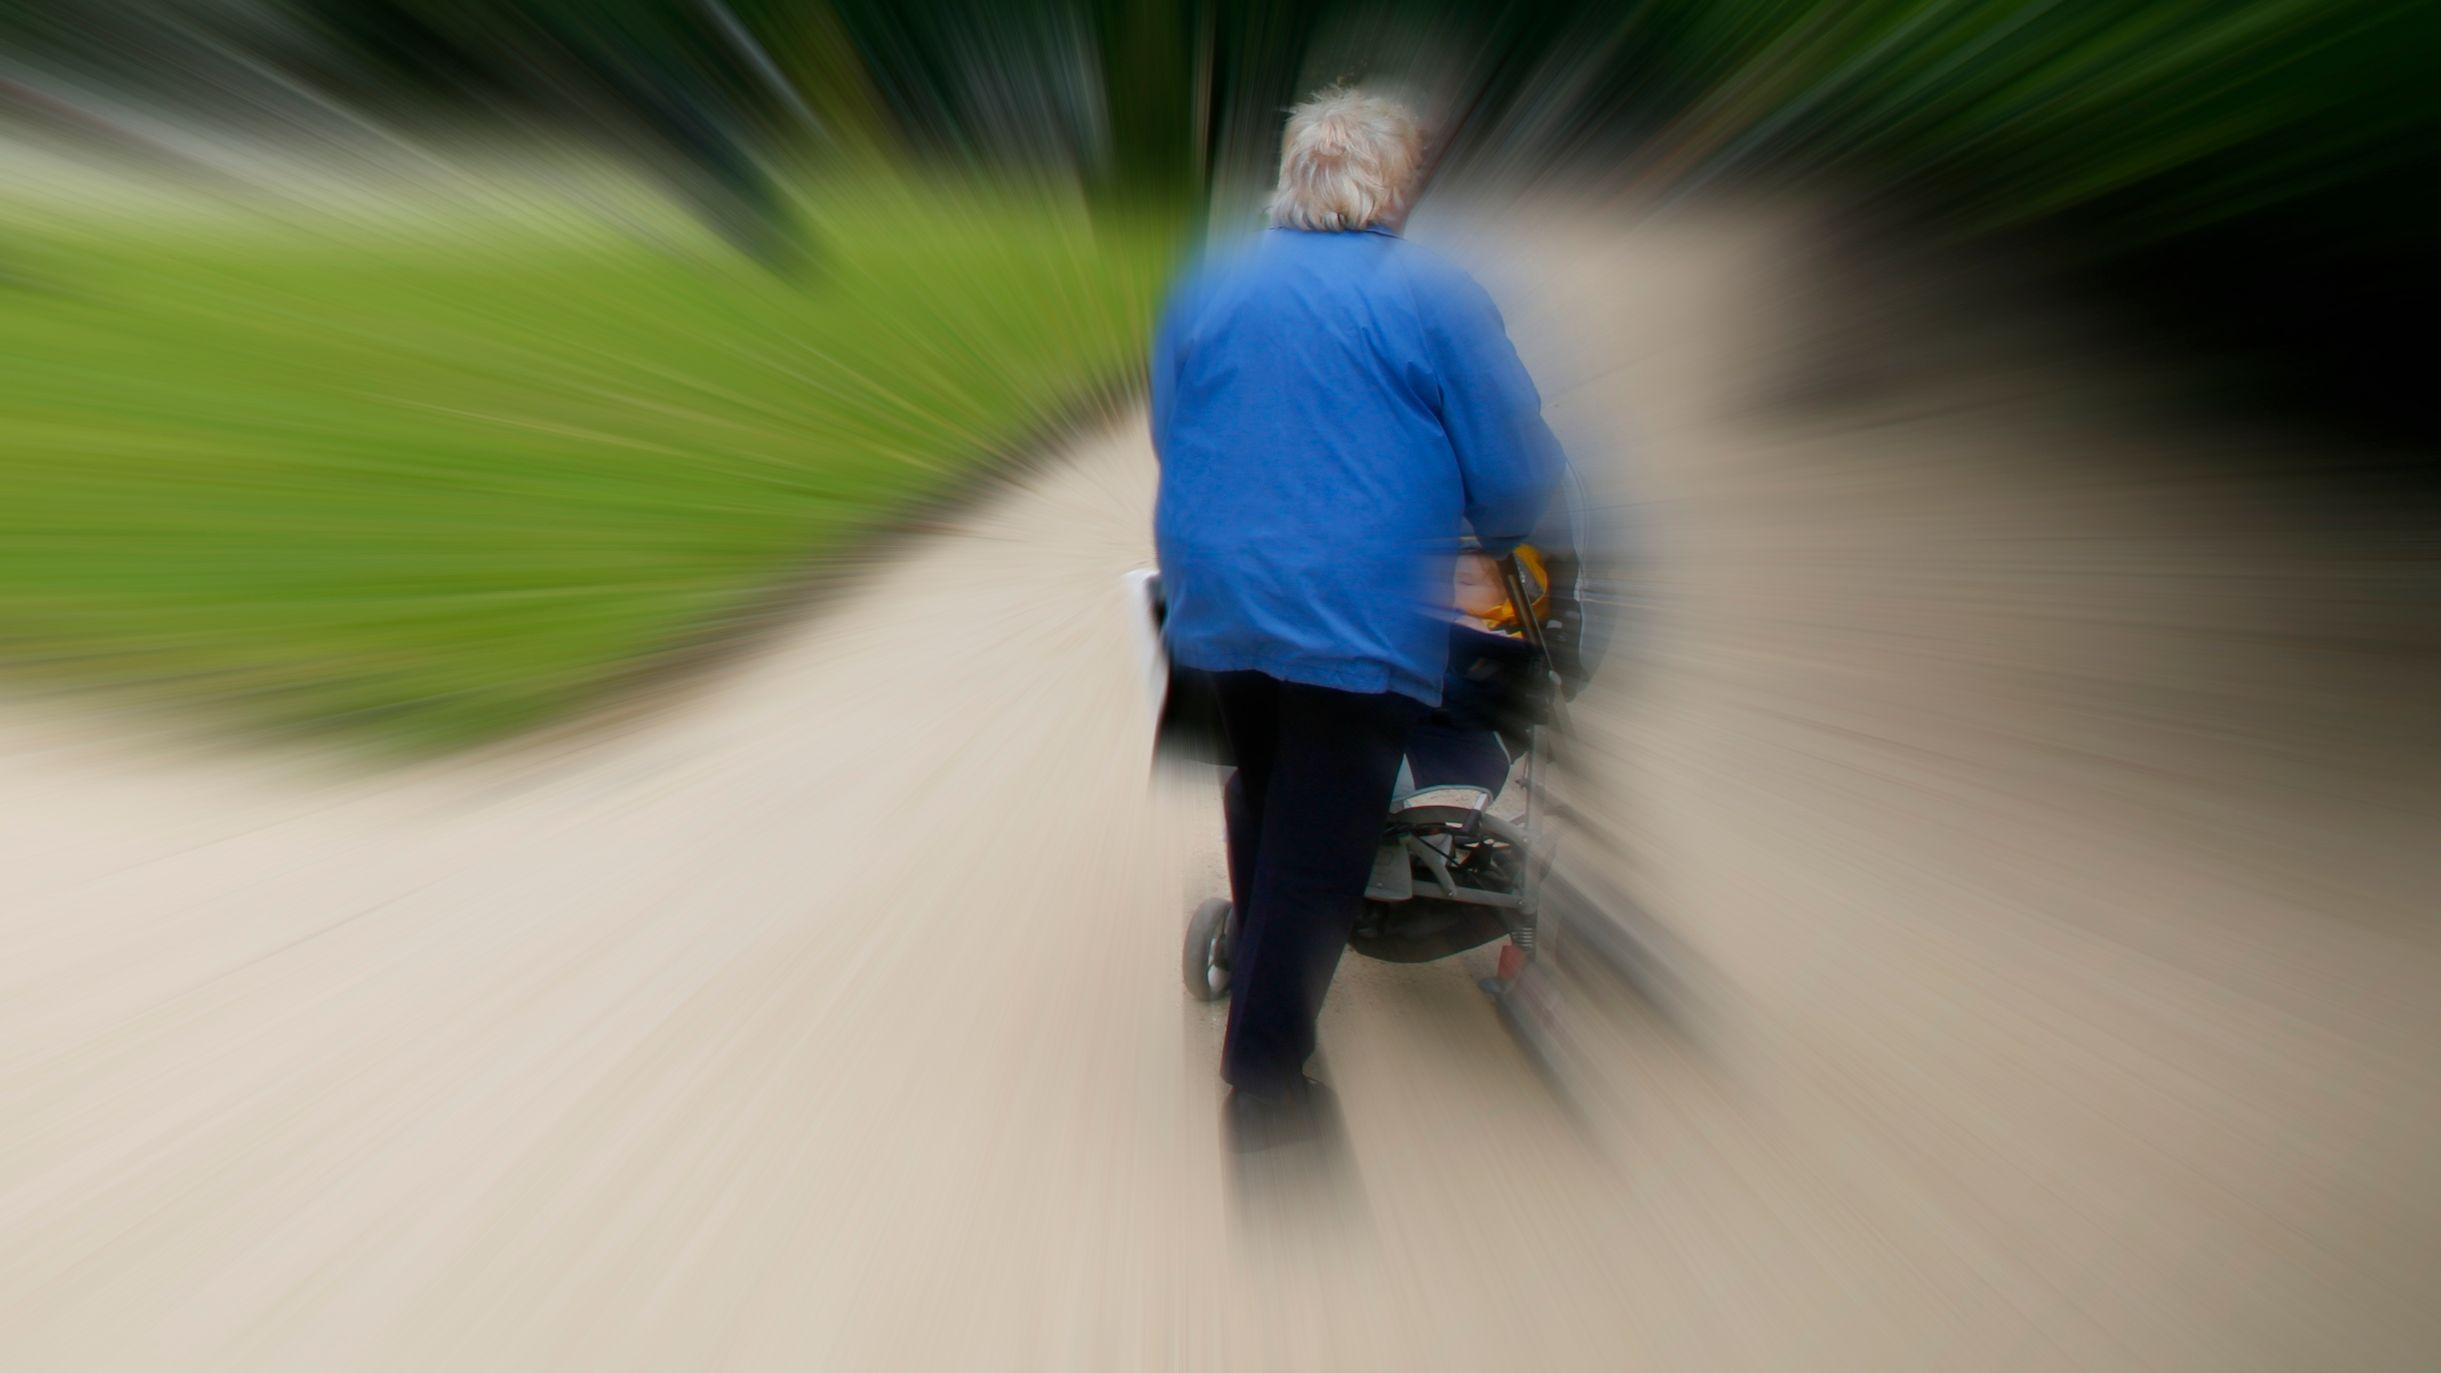 Mann mit Kinderwagen (Symbolbild)